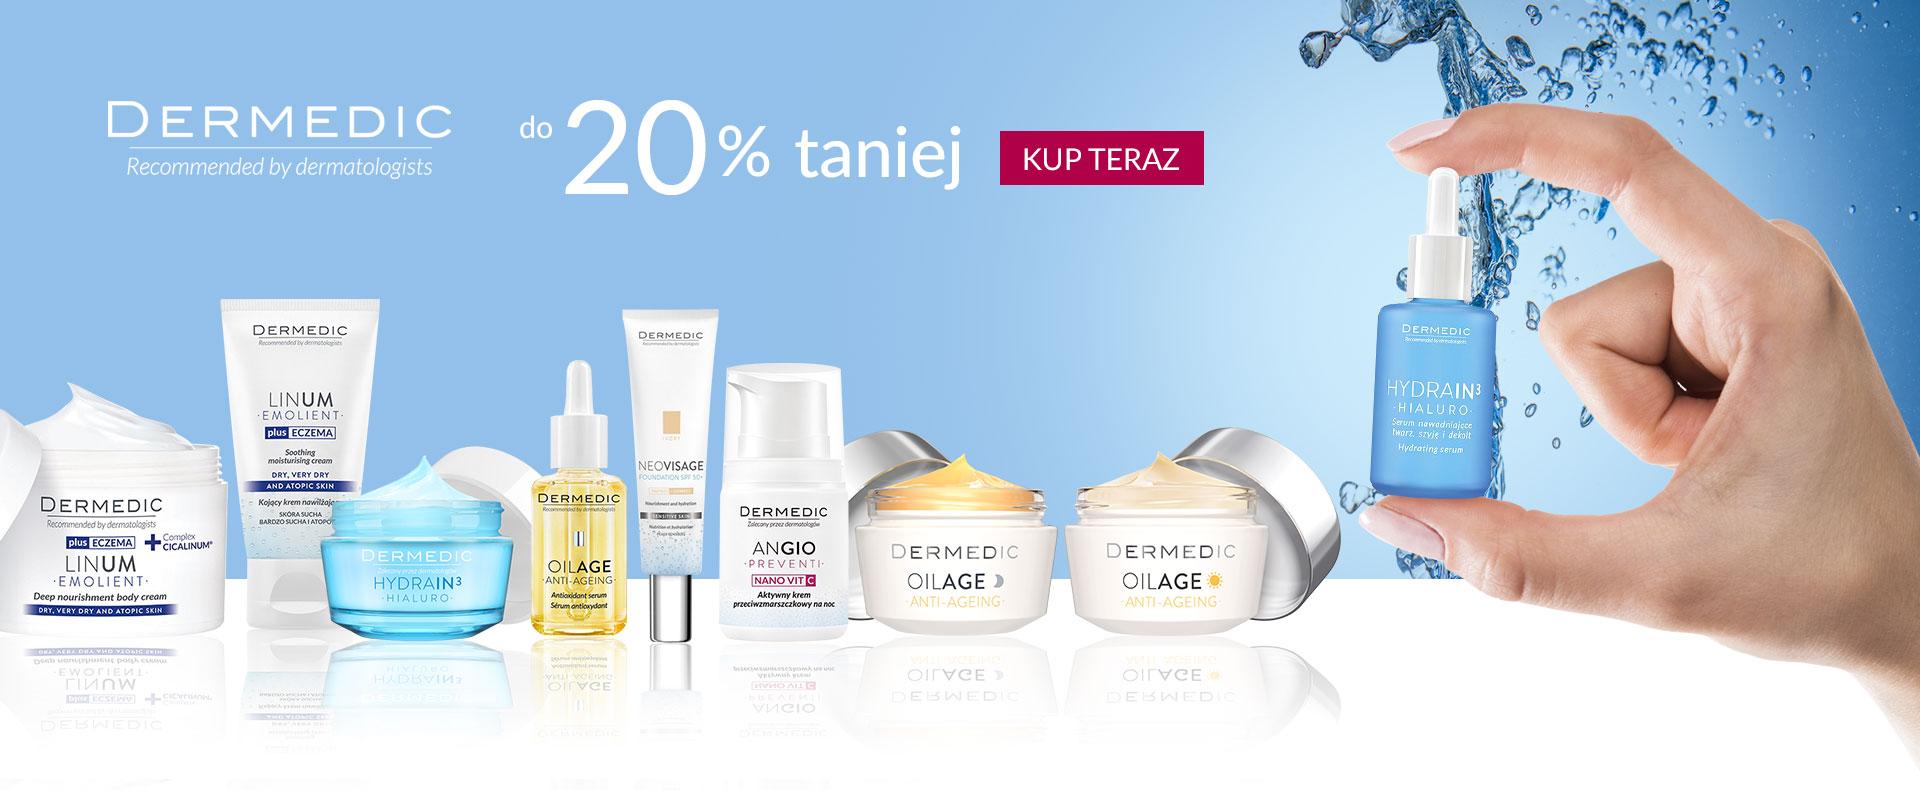 Ezebra Ezebra: do 20% zniżki na kosmetyki marki Dermedic